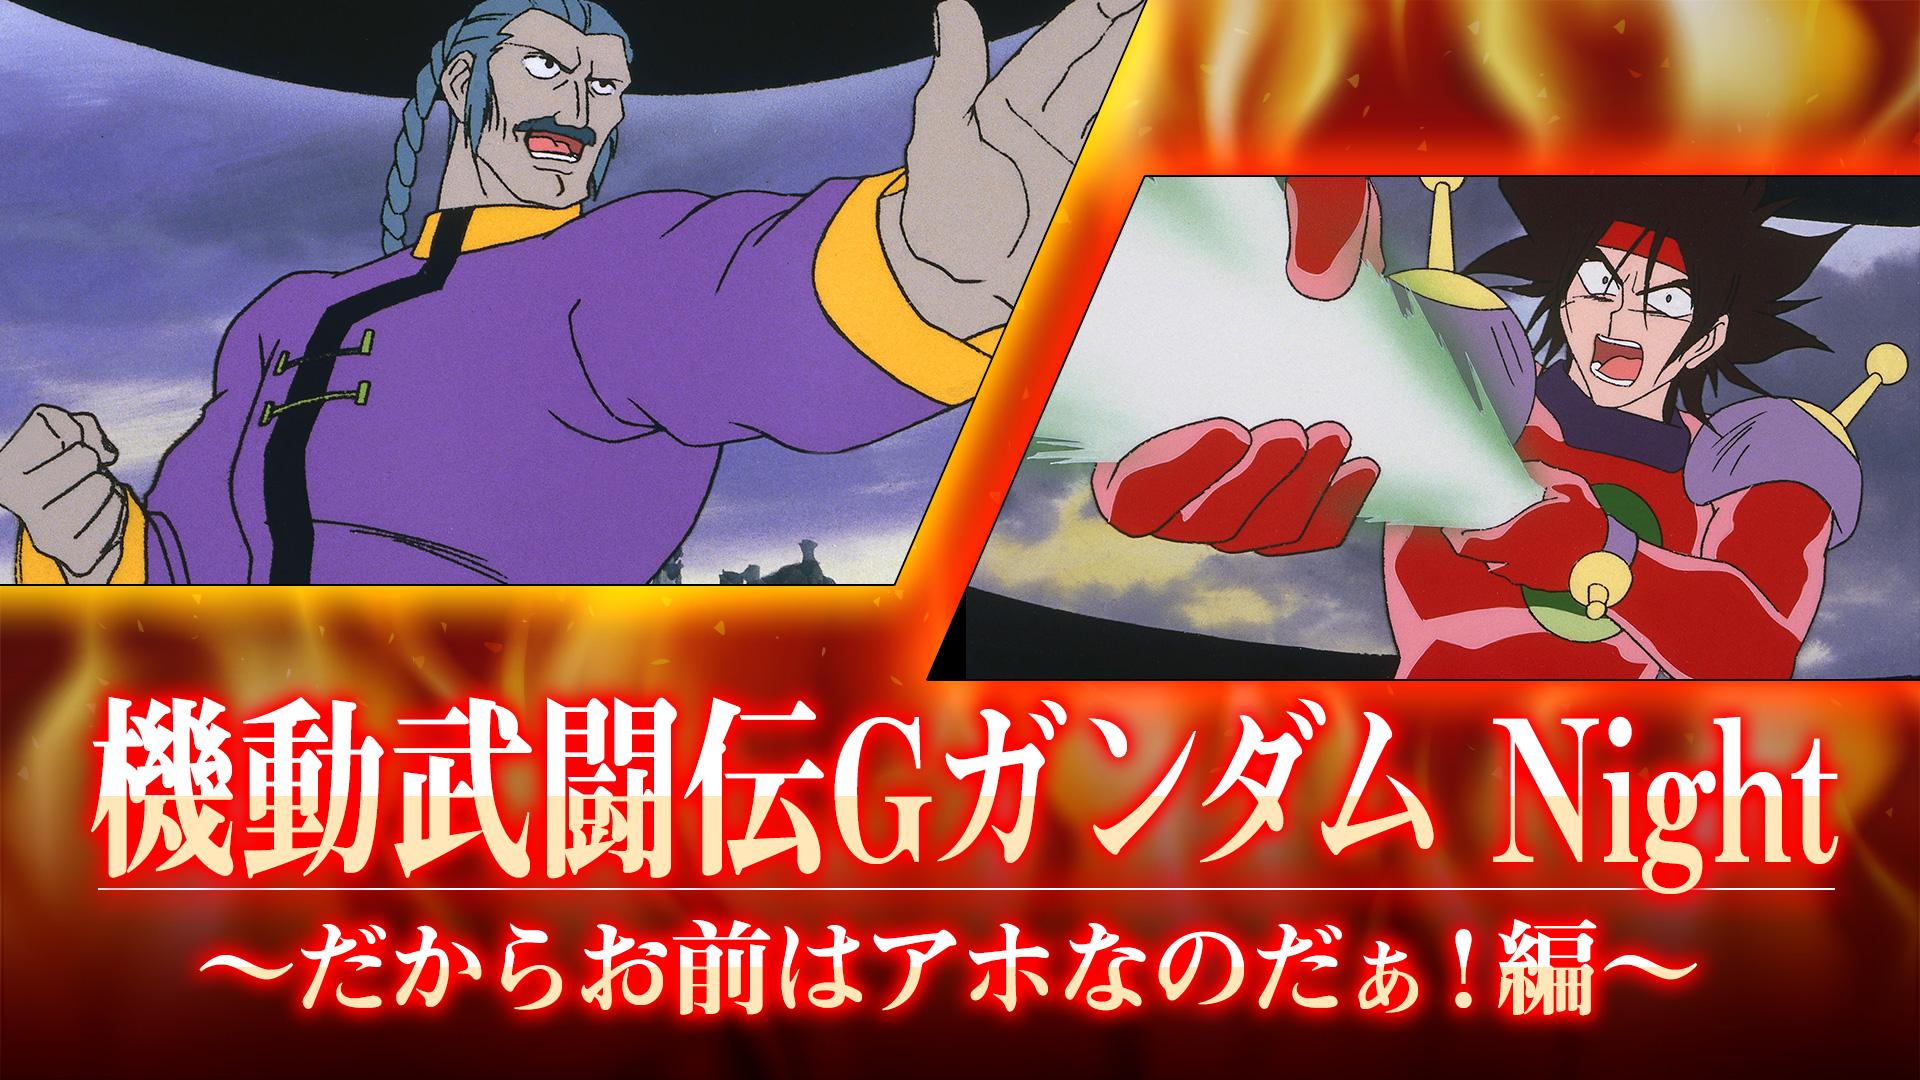 【ガンダムスクエア7/18】機動武闘伝Gガンダム Night